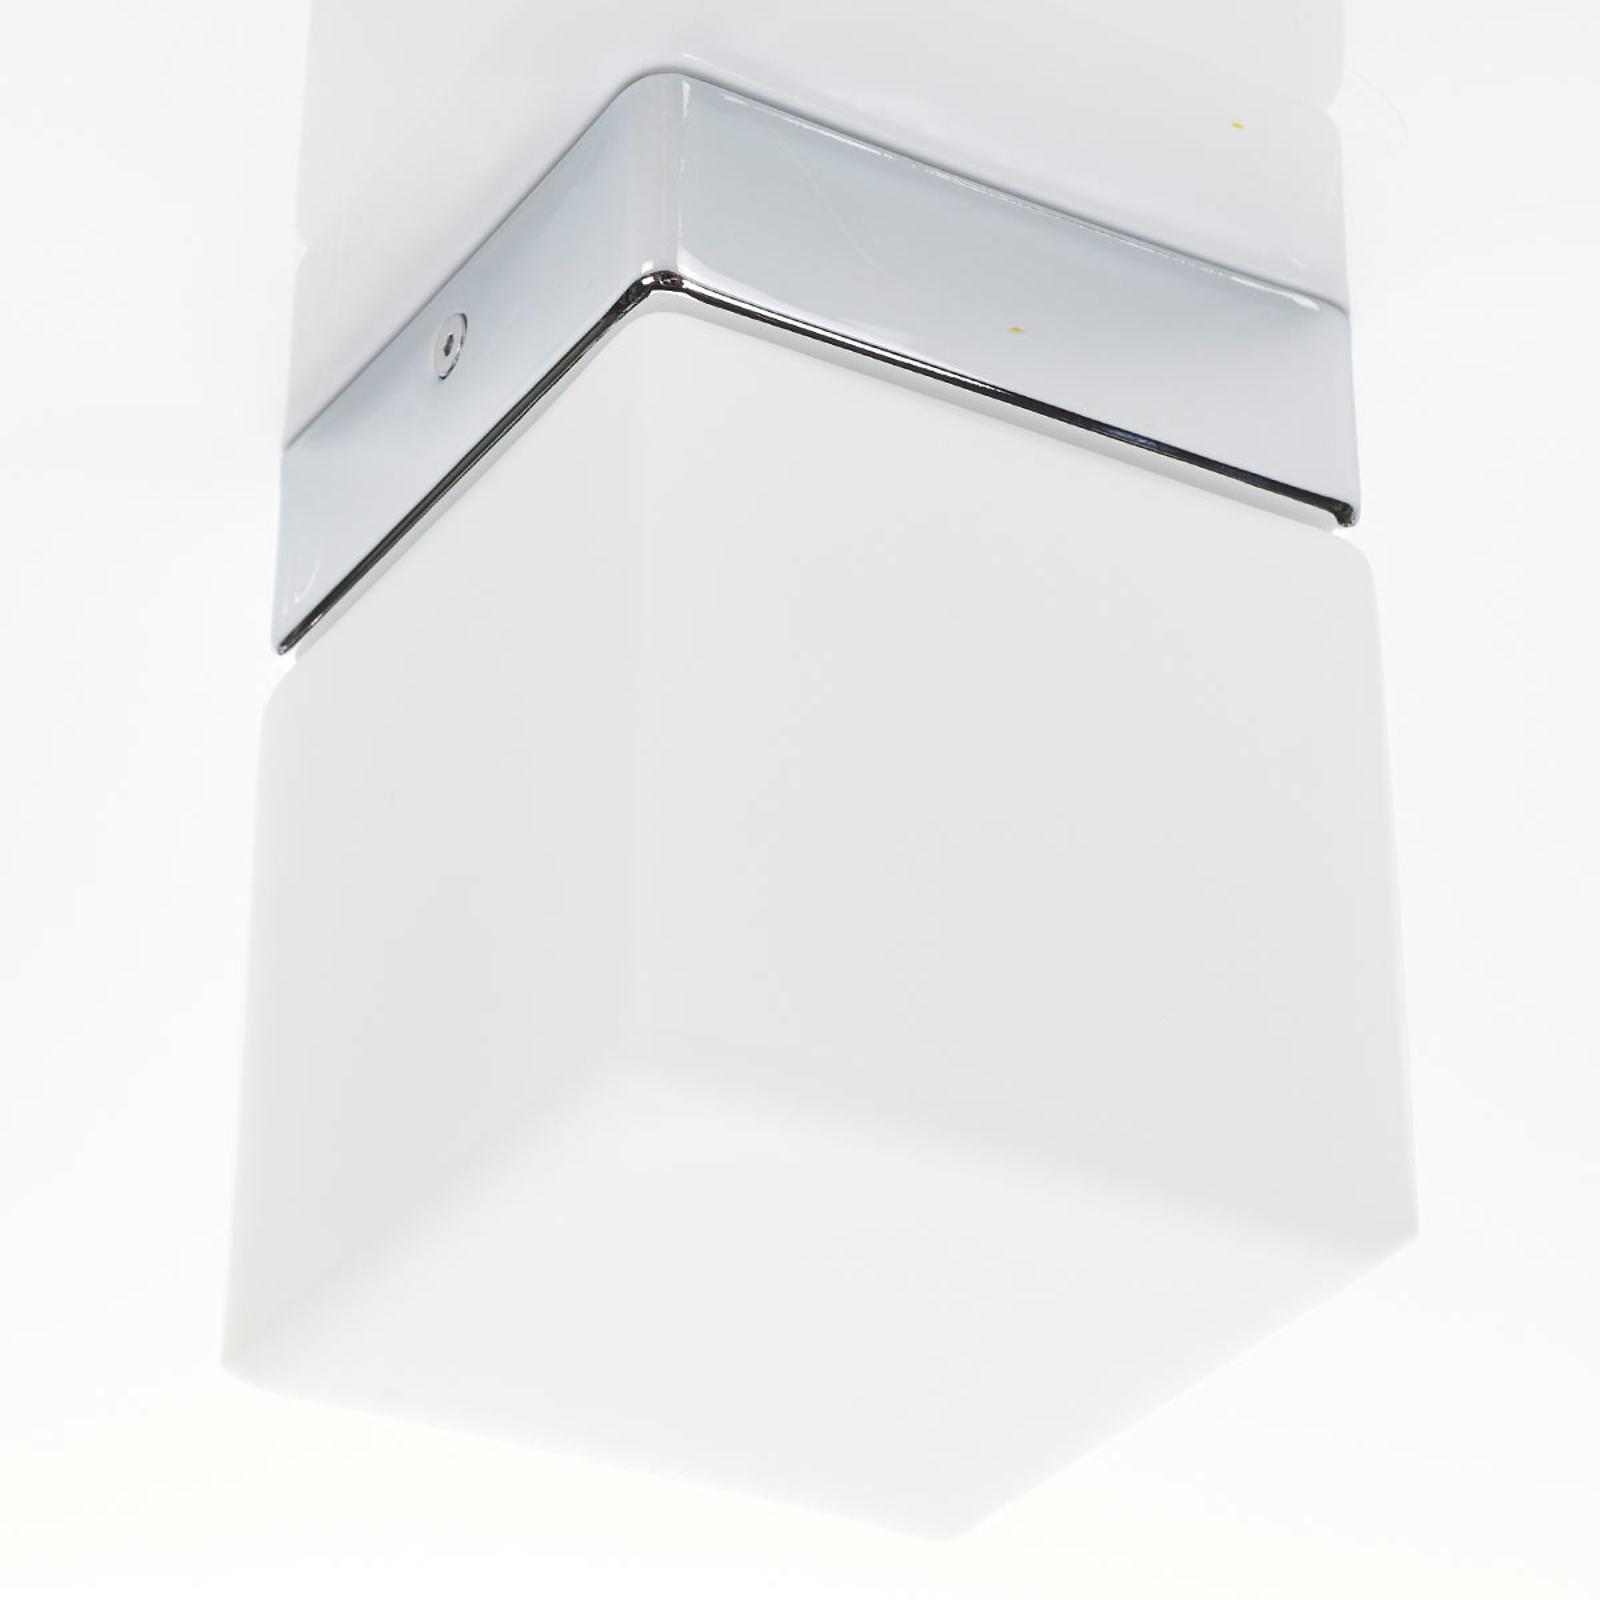 Sześcienna lampa sufitowa LED Keto, do łazienki